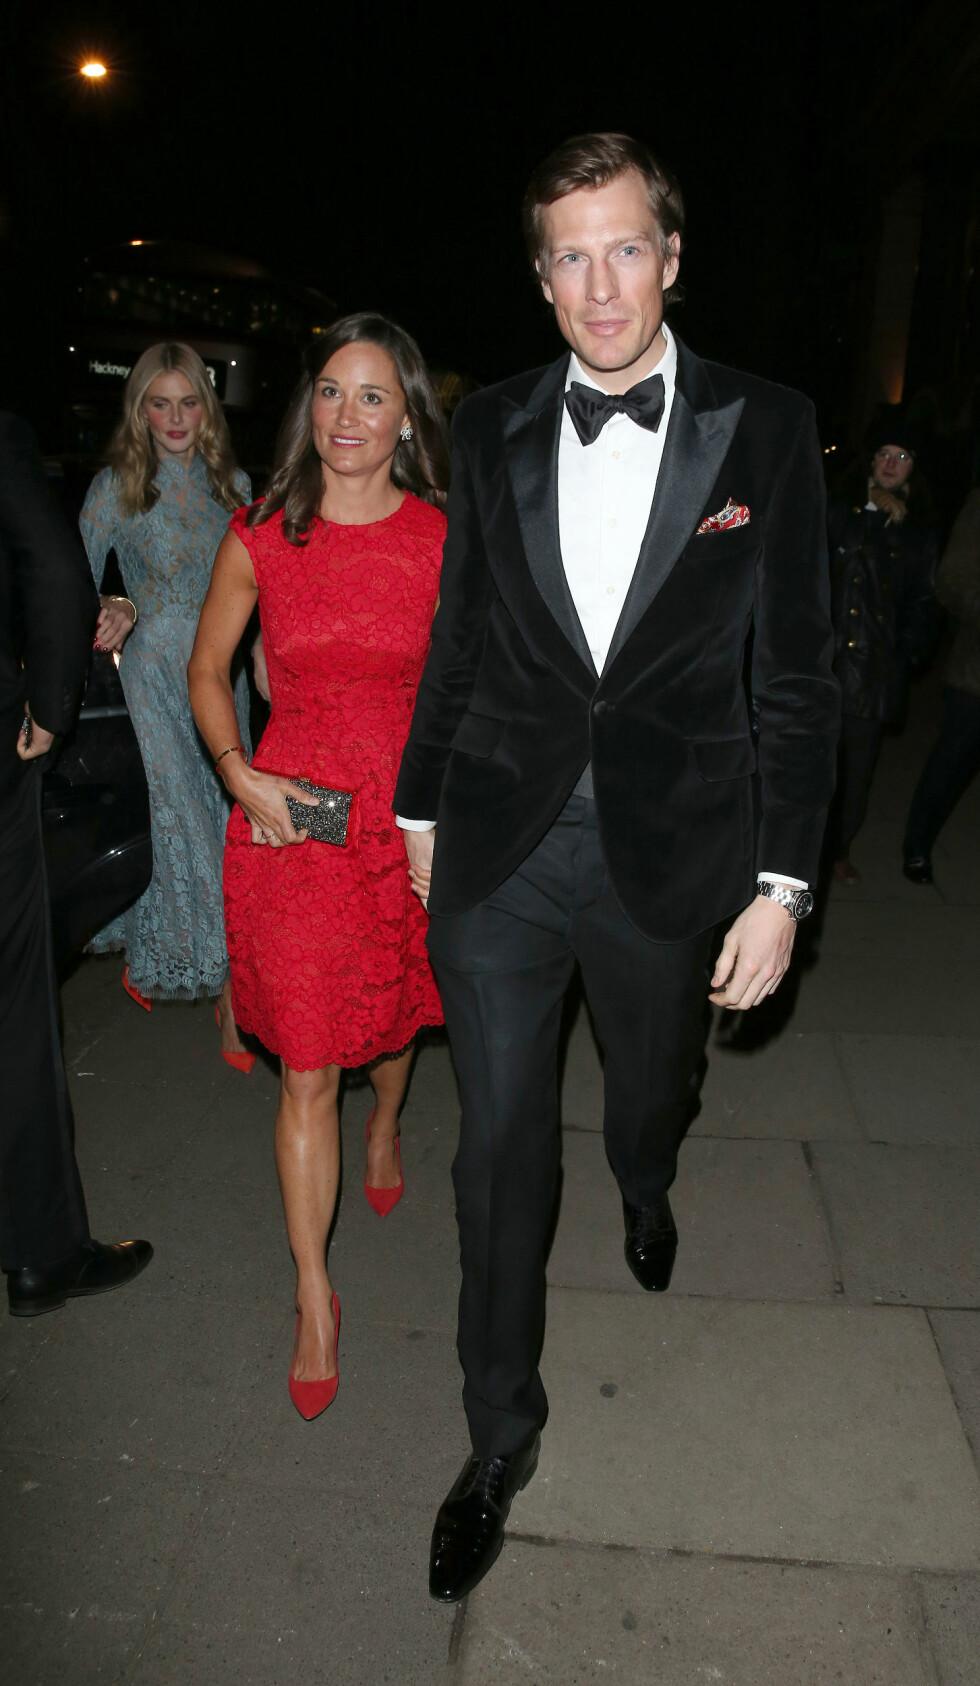 EKSEN: Pippa Middleton var sammen med Nico Jackson i omlag tre år, og ryktene gikk om at de to var forlovet. Forholdet tok imidlertid slutt før det ble noe bryllup.  Foto: Xposure